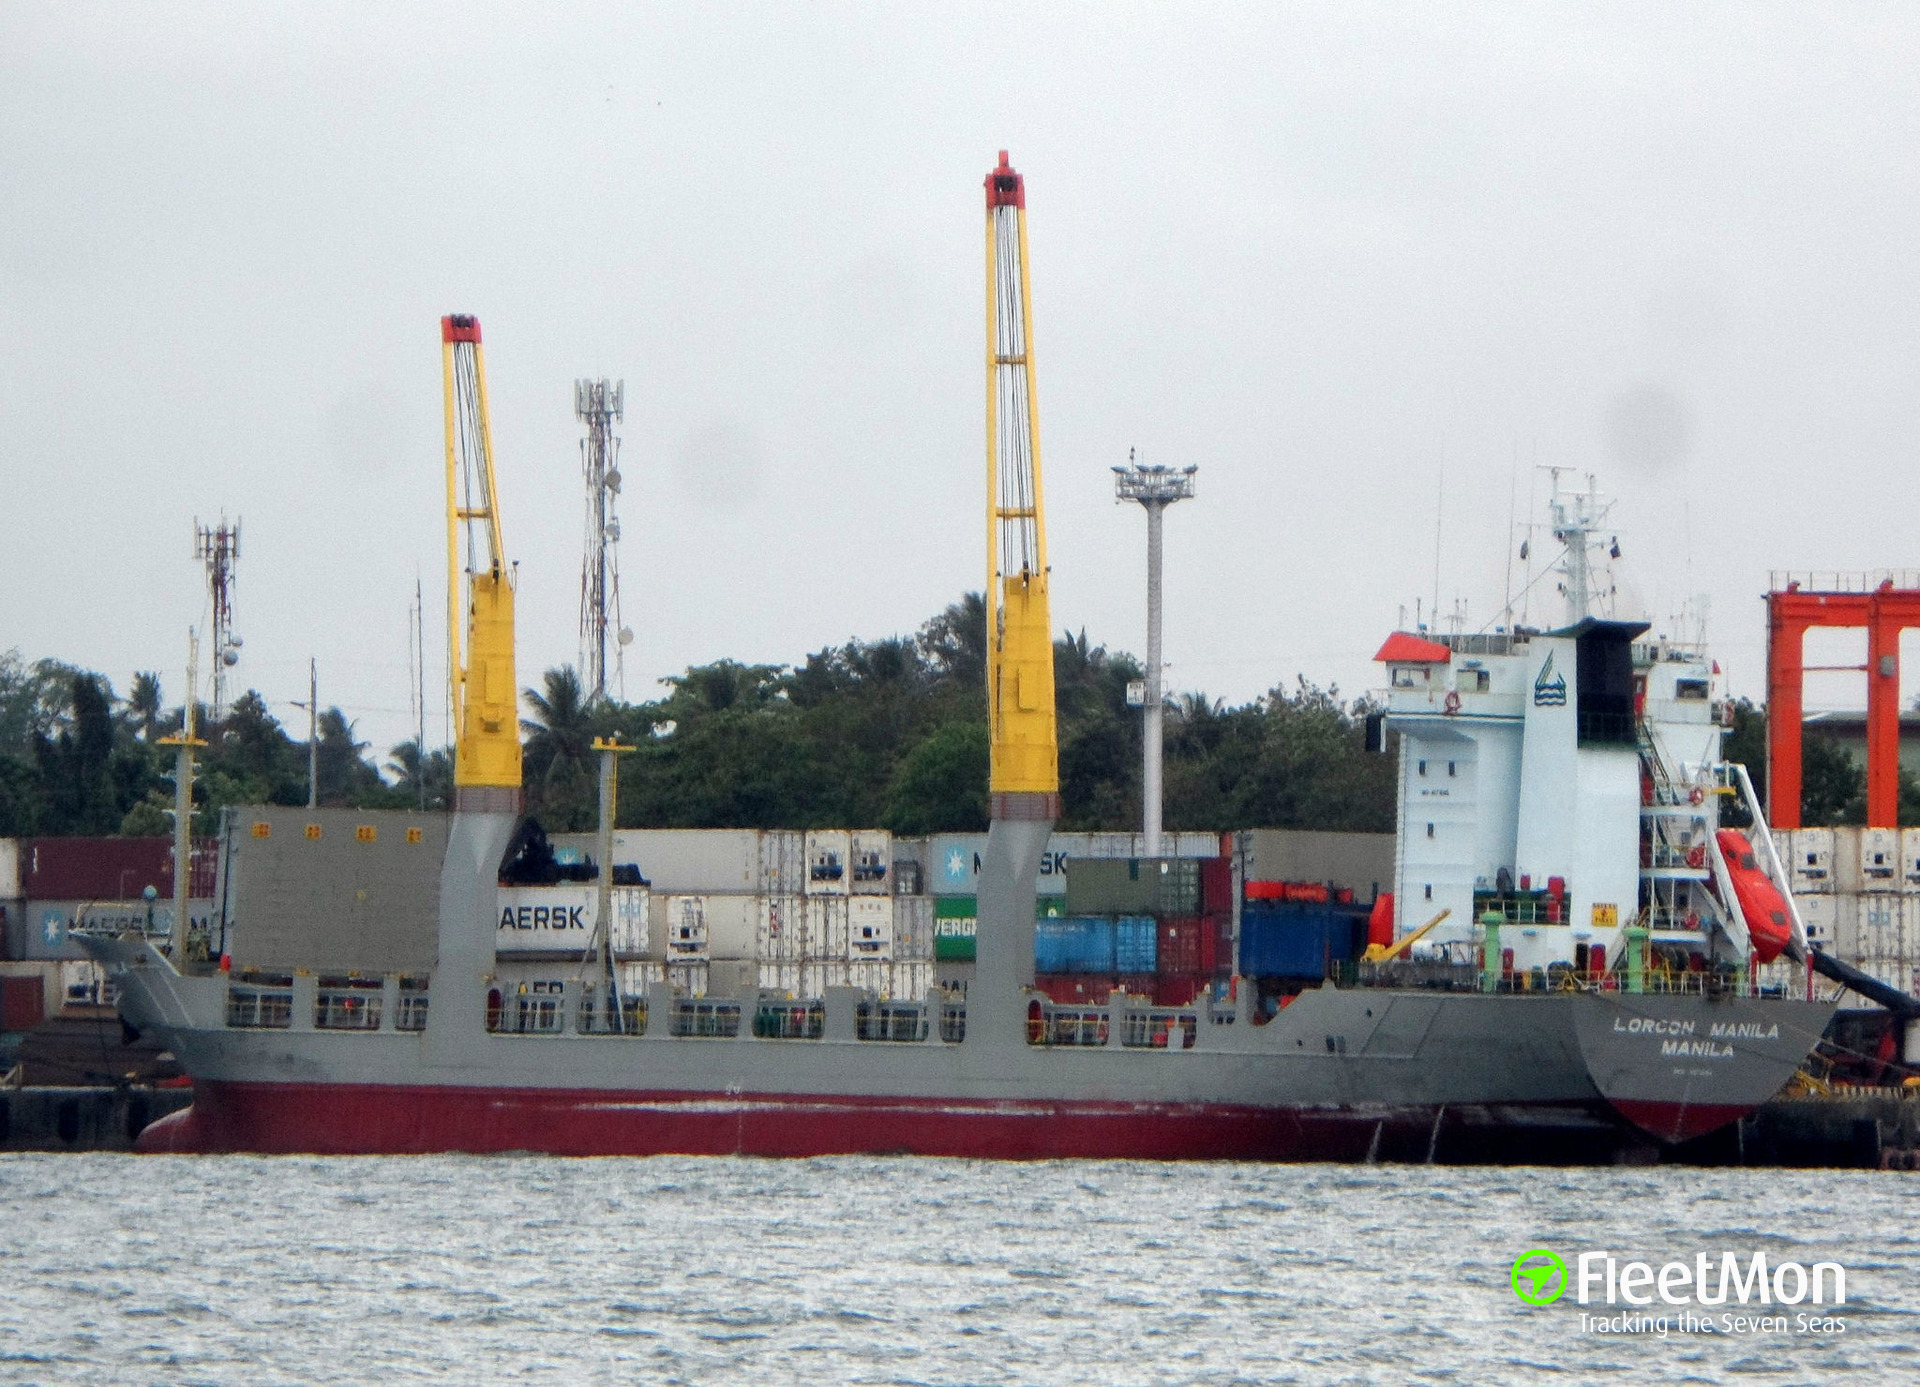 M V LORCON MANILA Container ship IMO 9071648